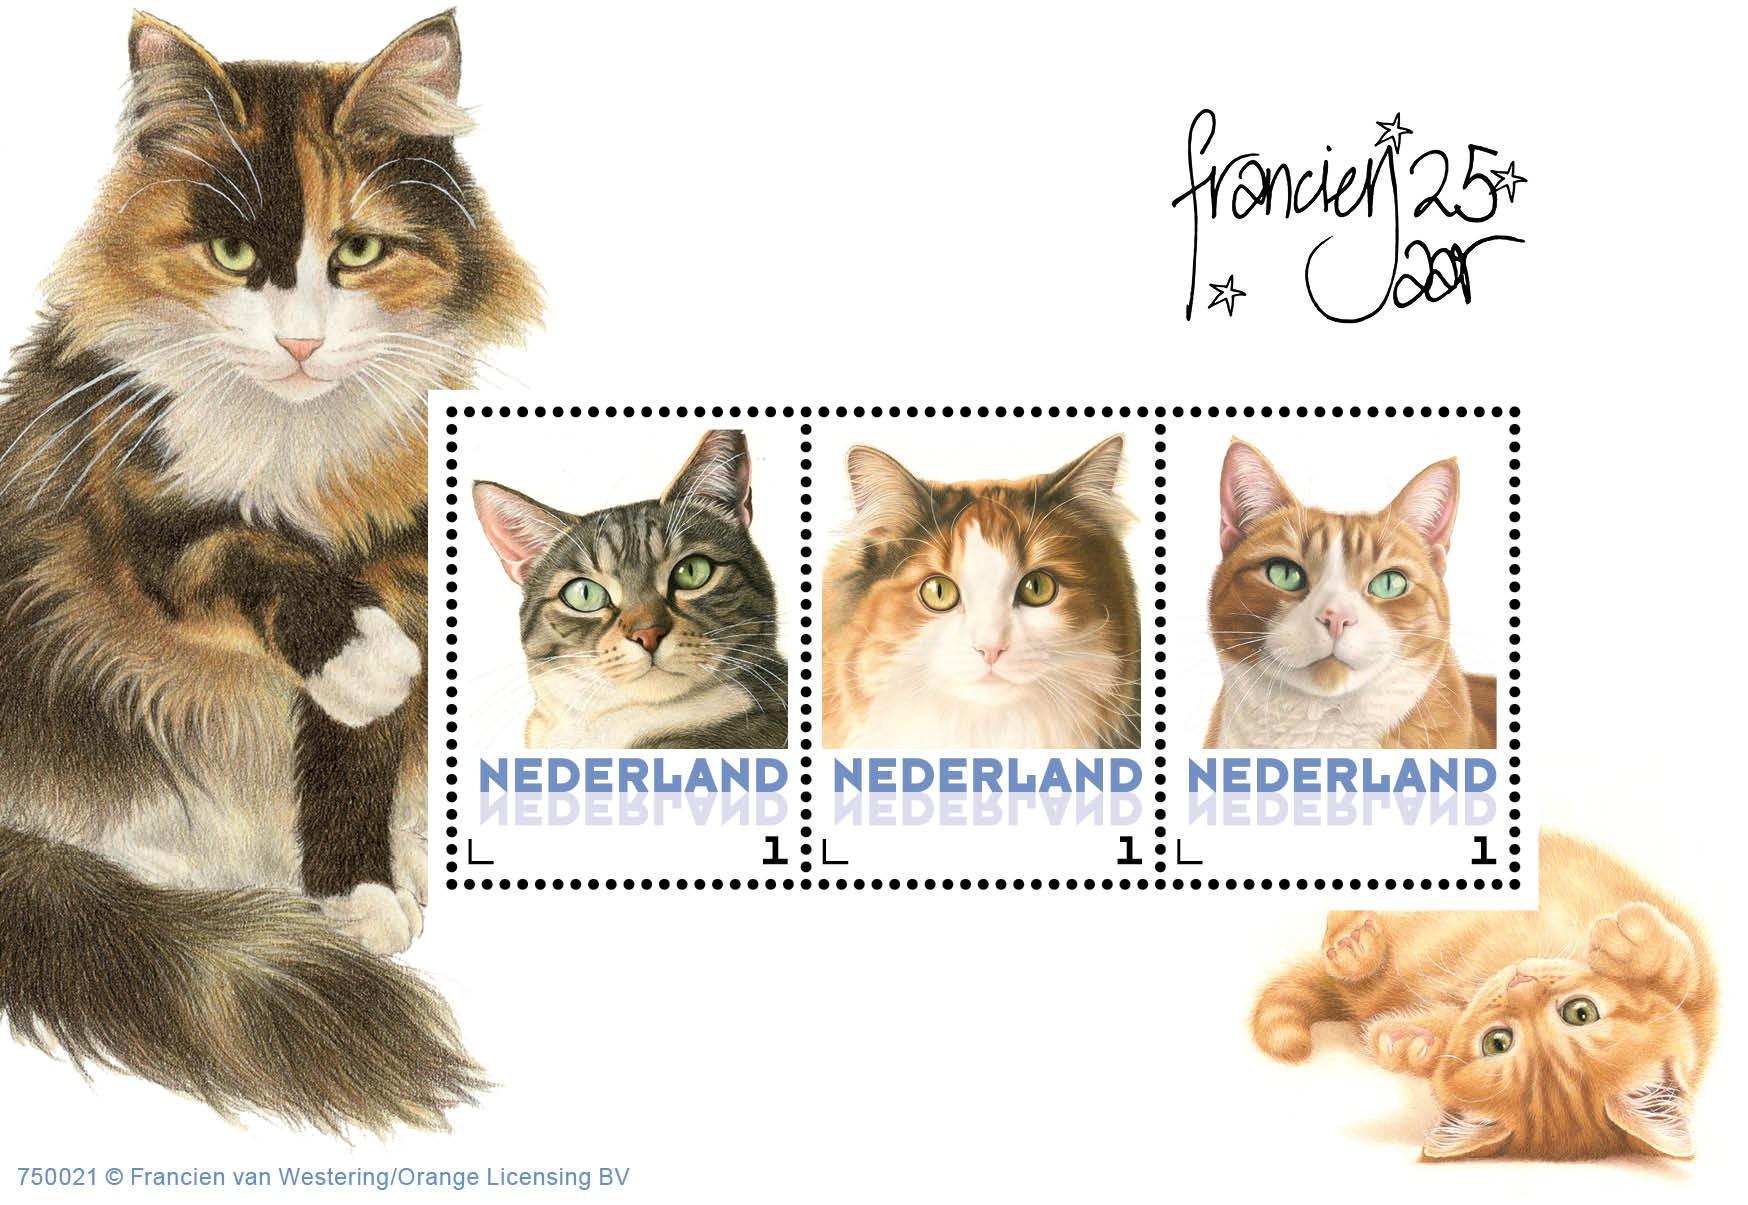 23 February 2015: Dutch Domestic Cats